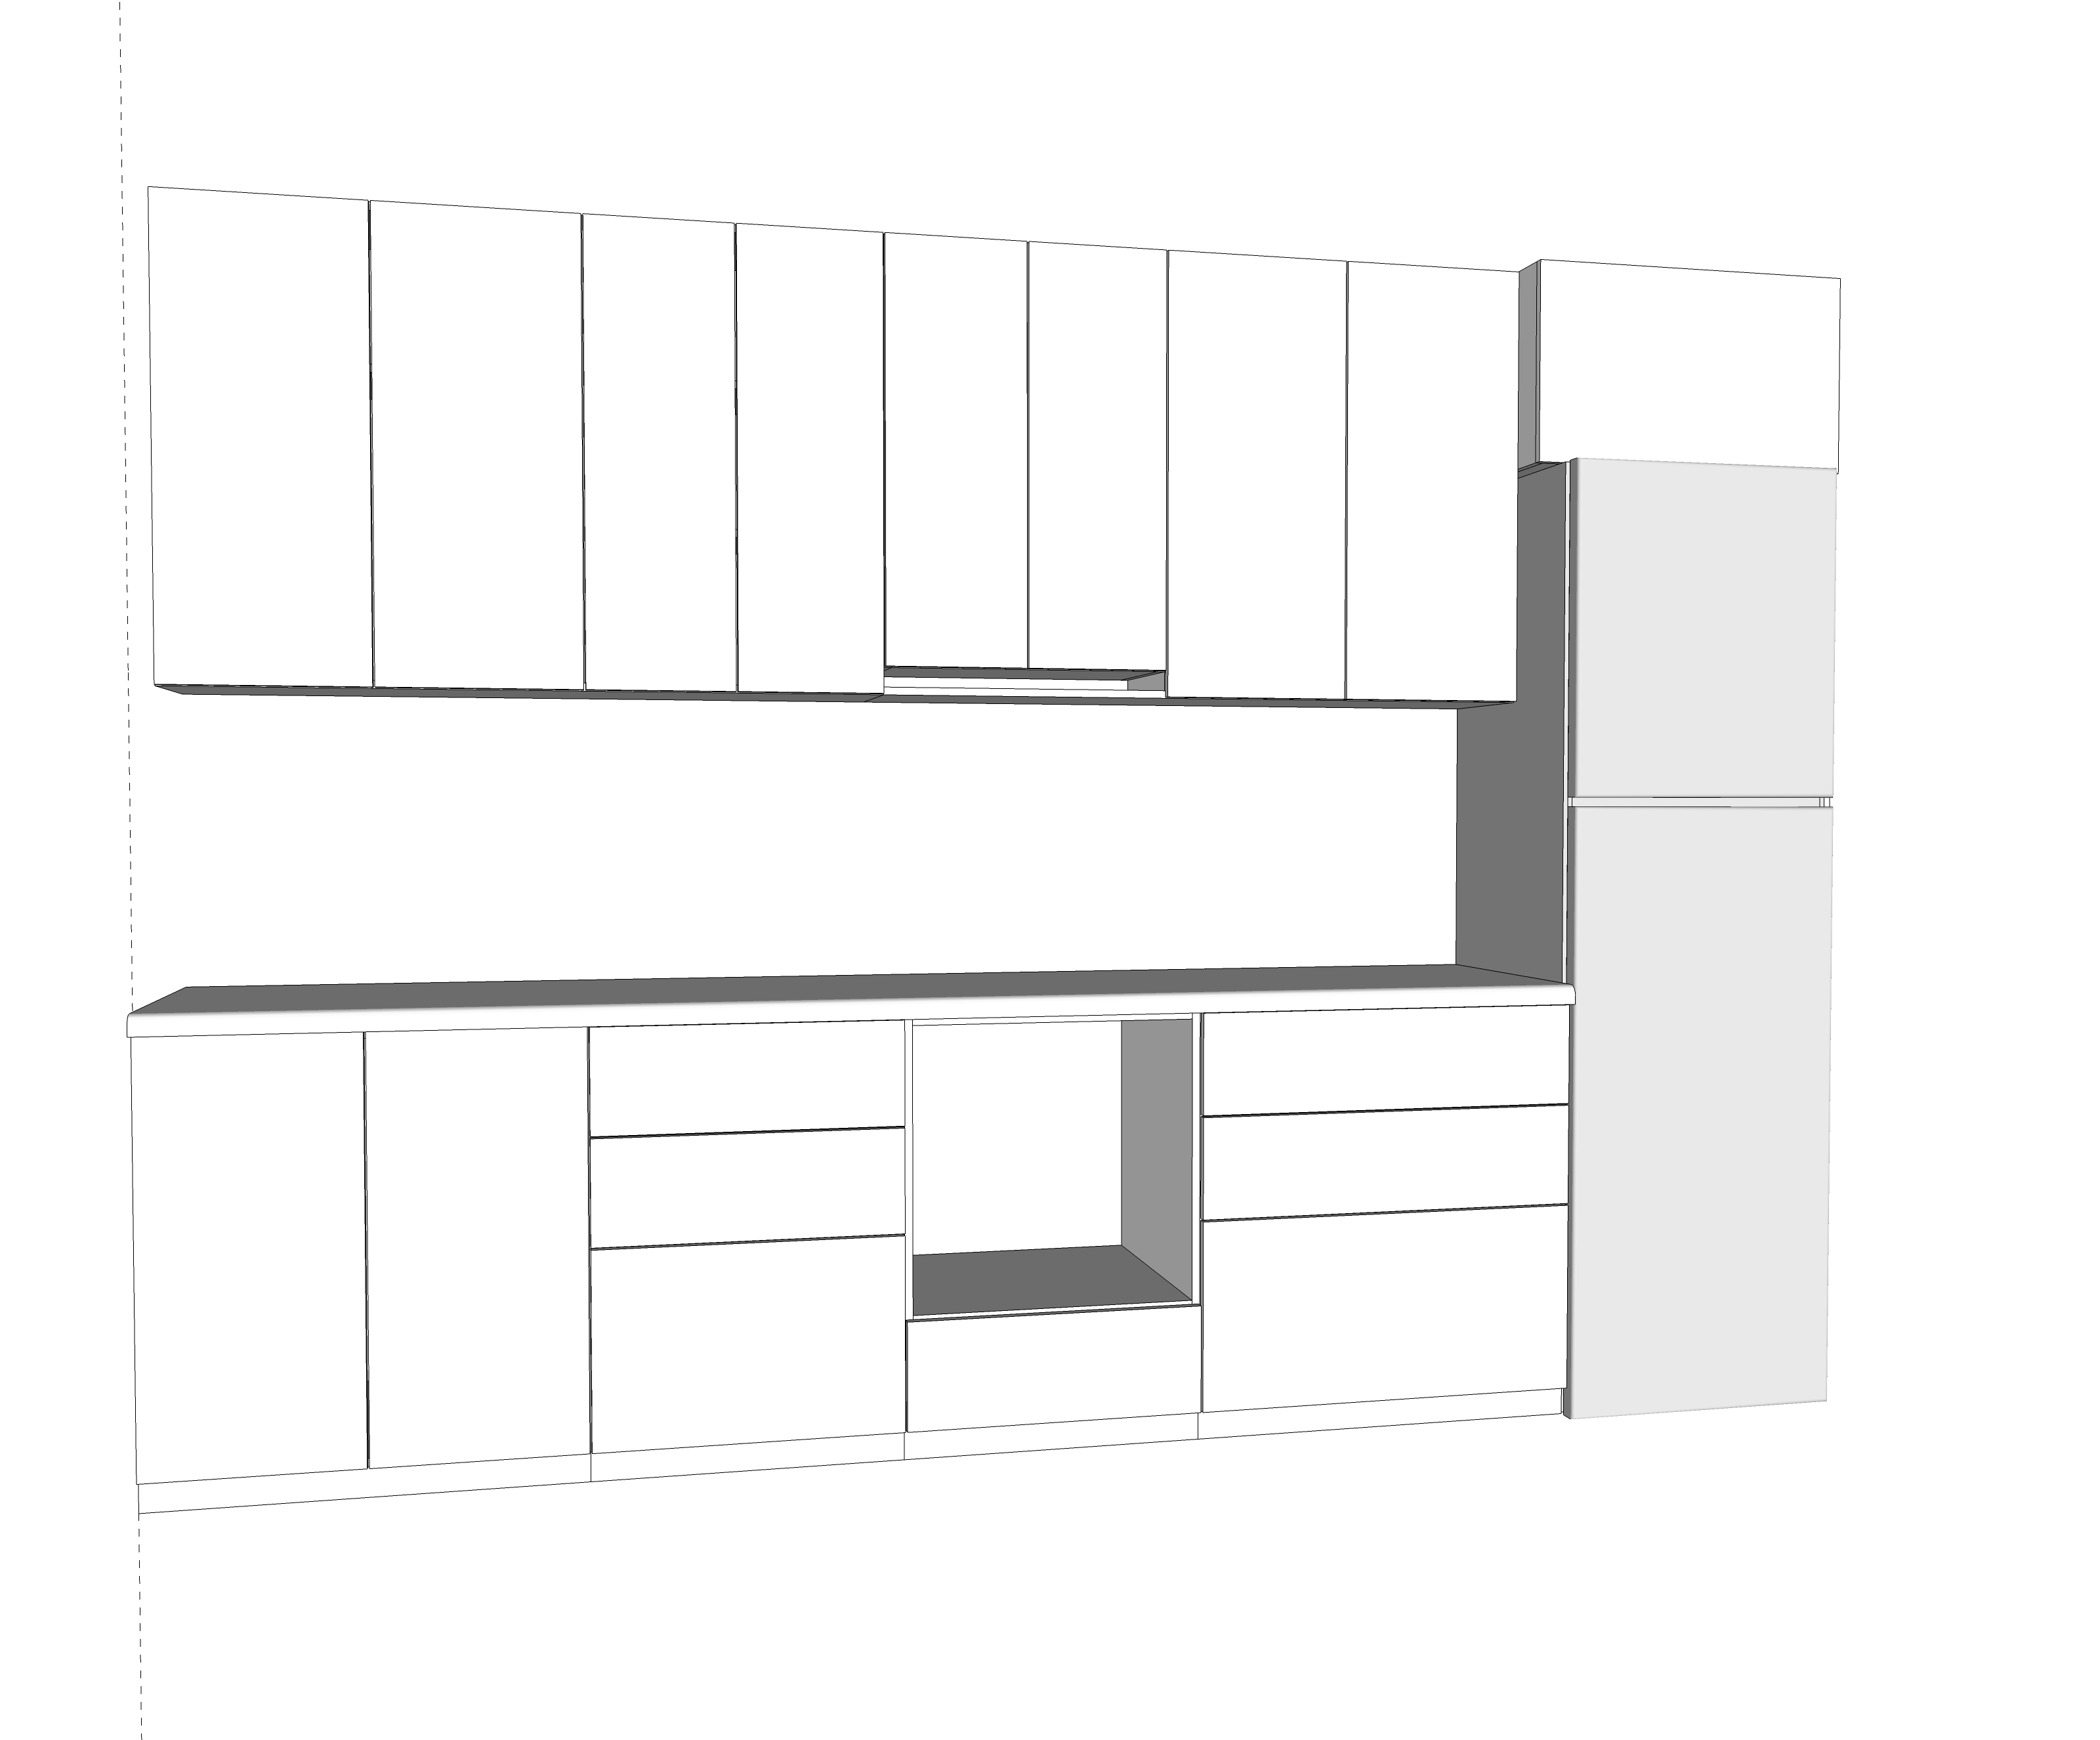 Проектирование кухонного гарнитура